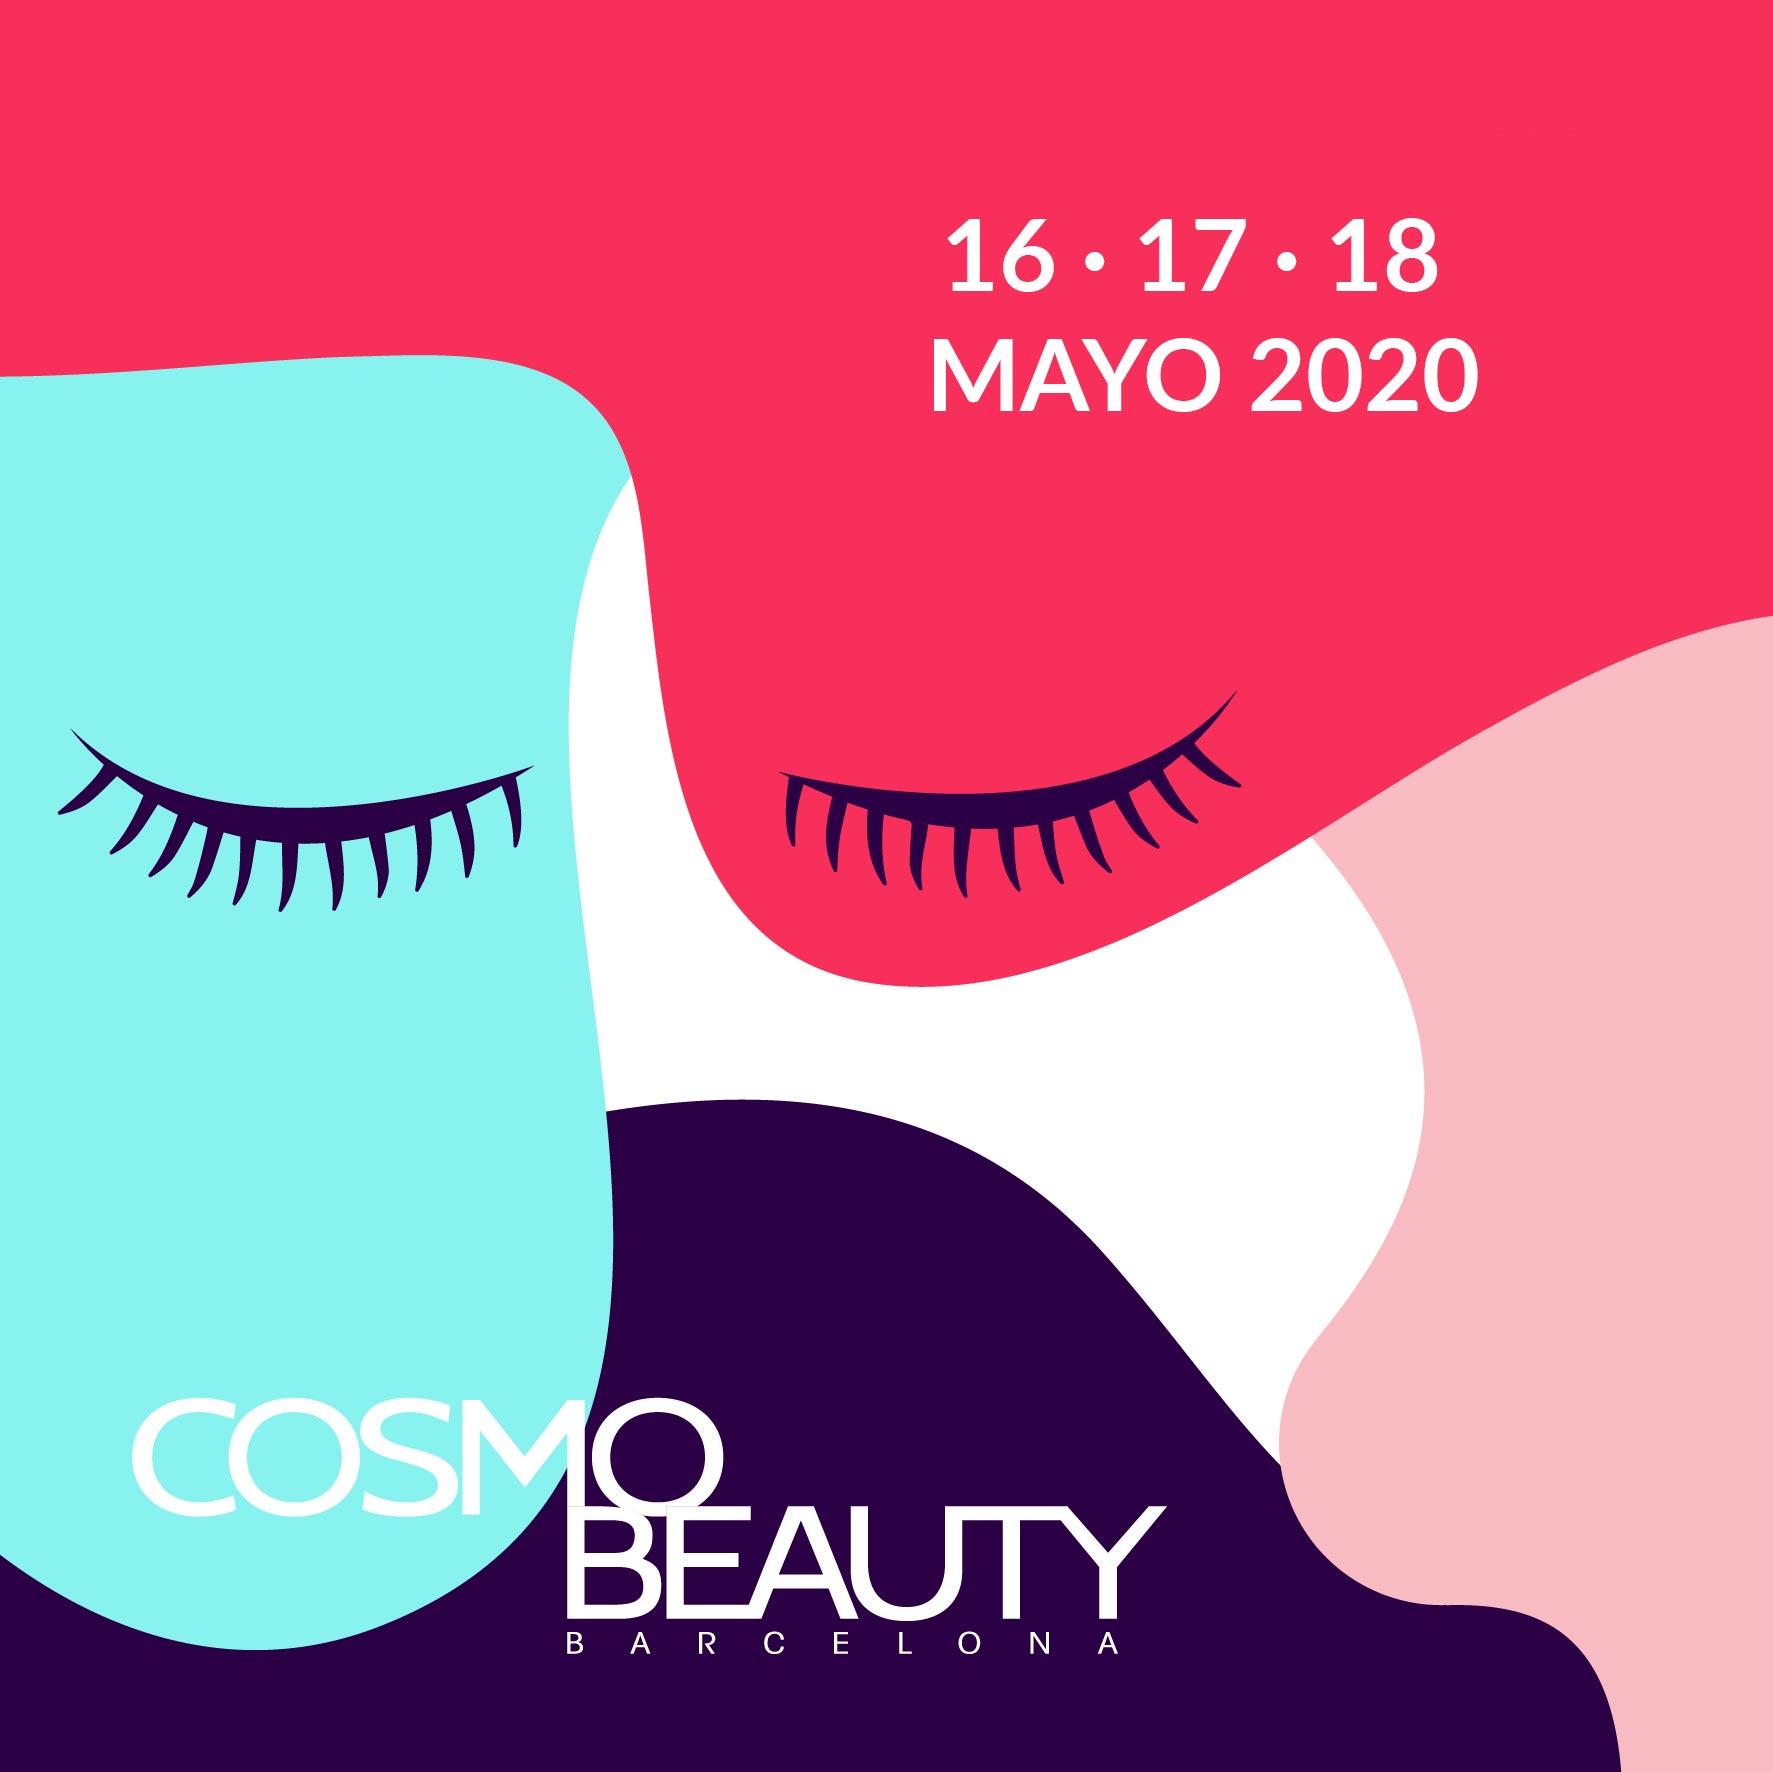 Cosmobeauty-RS_Mesa-de-trabajo-_NUEVO